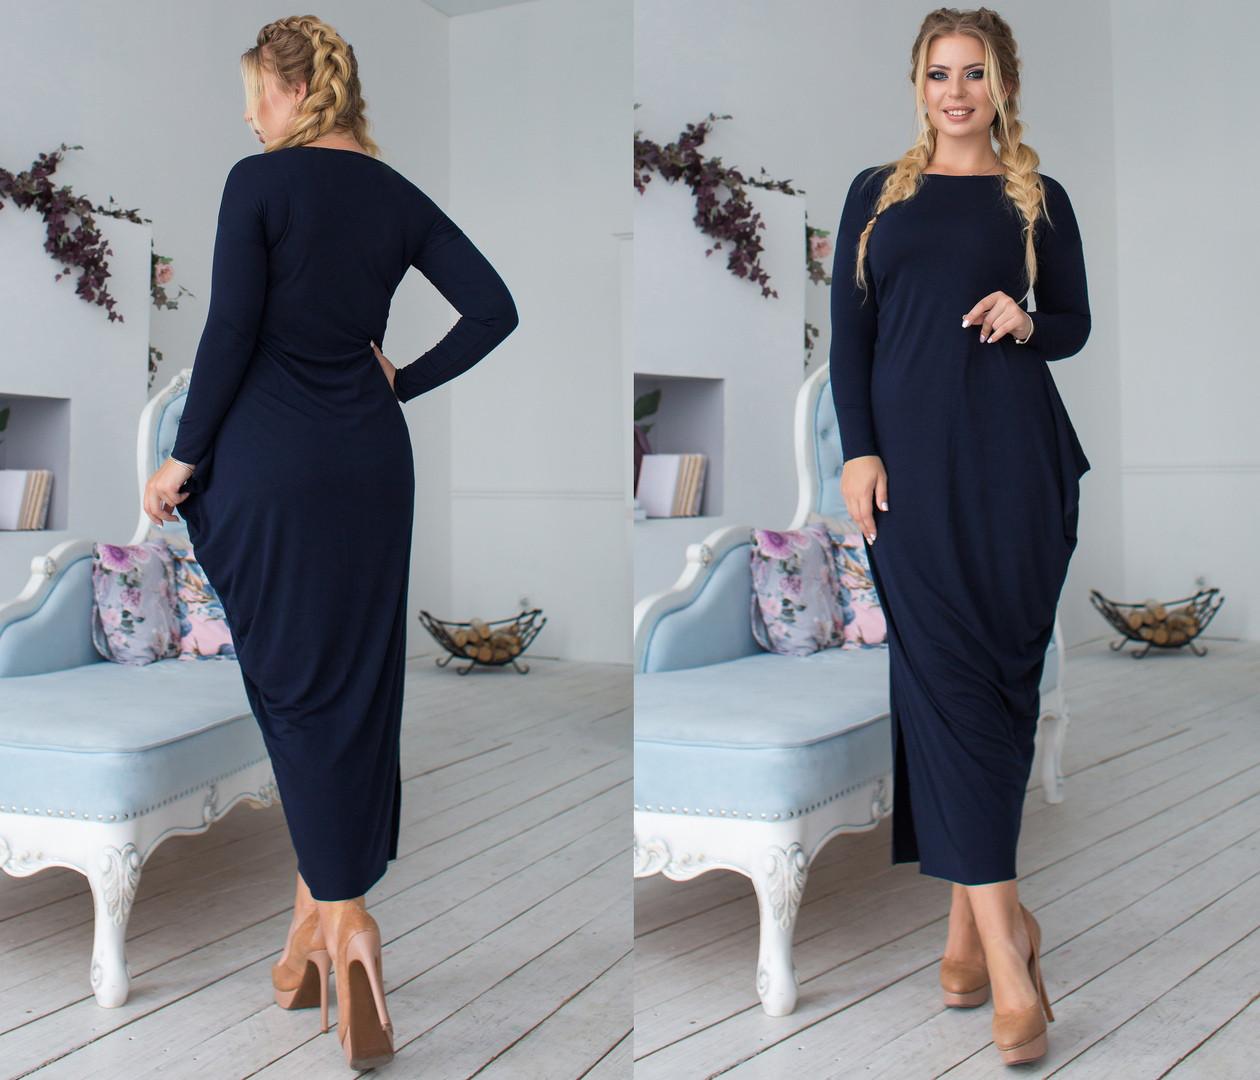 Длинное платье больших размеров 48+ необычного кроя с длинным рукавом / 3 цвета  арт 6376-93